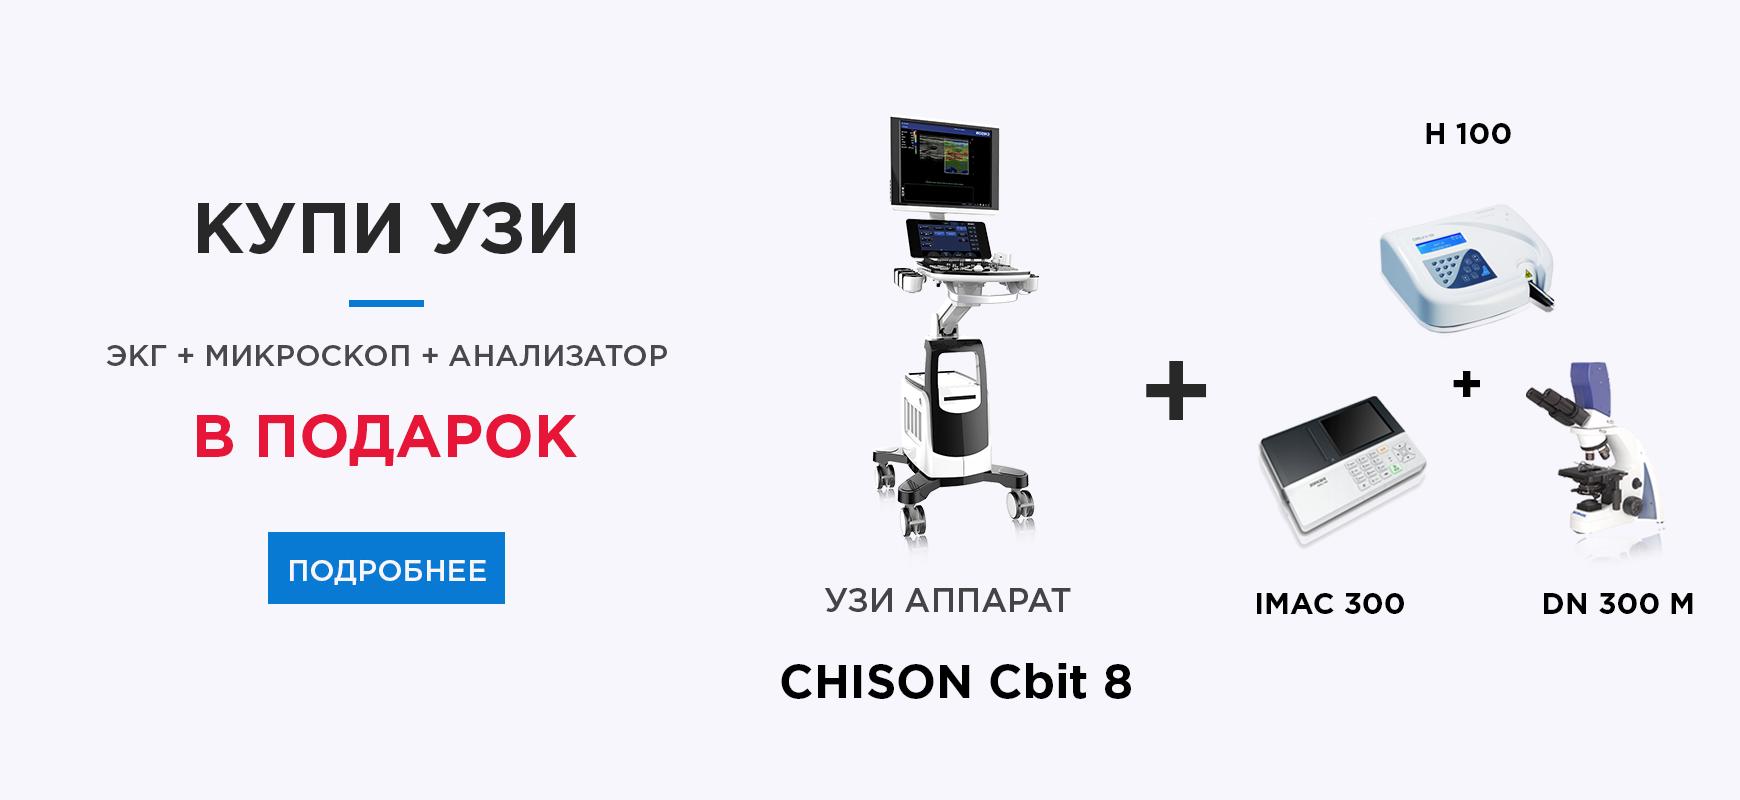 Cbit 8! Анализатор, экг, микроскоп в подарок!